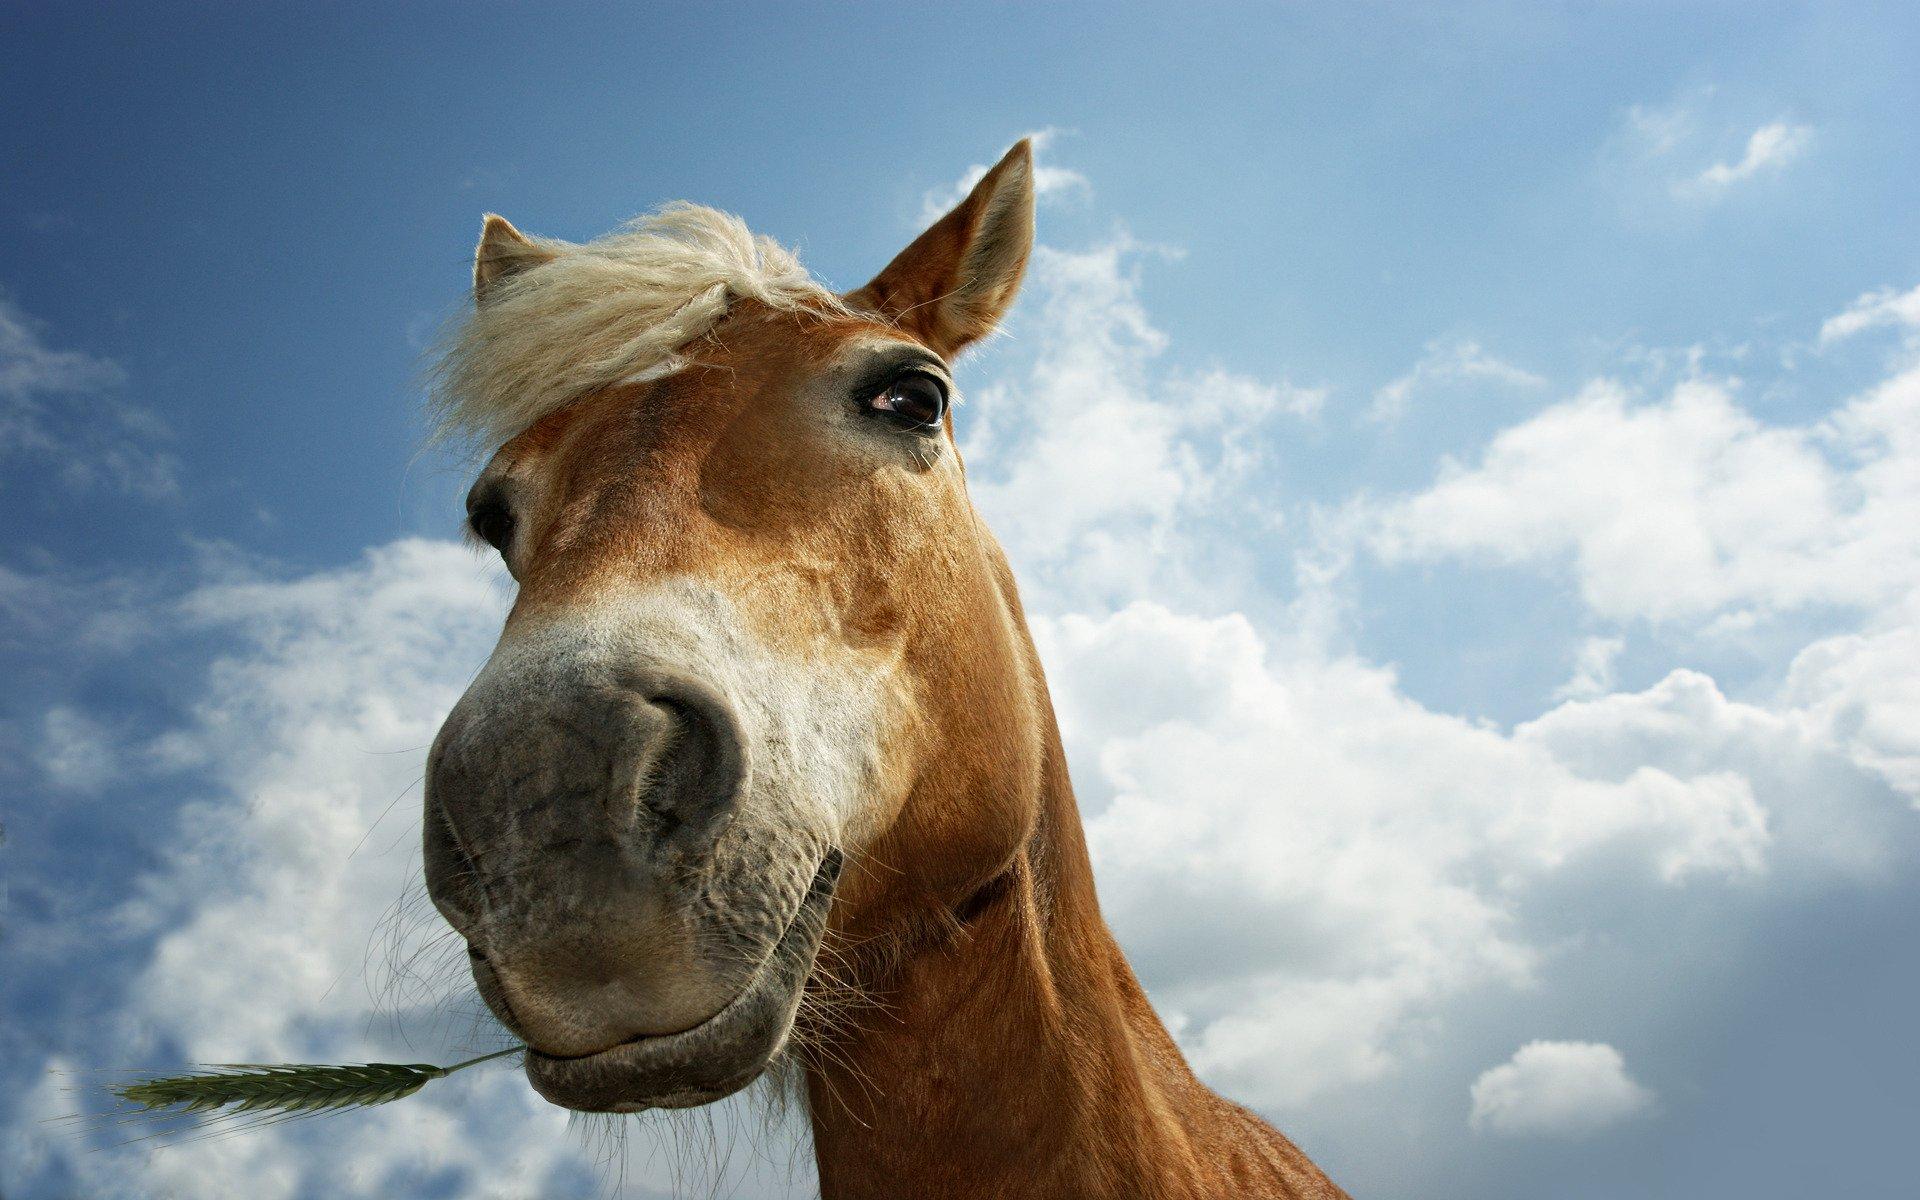 Funny Horse Closeup